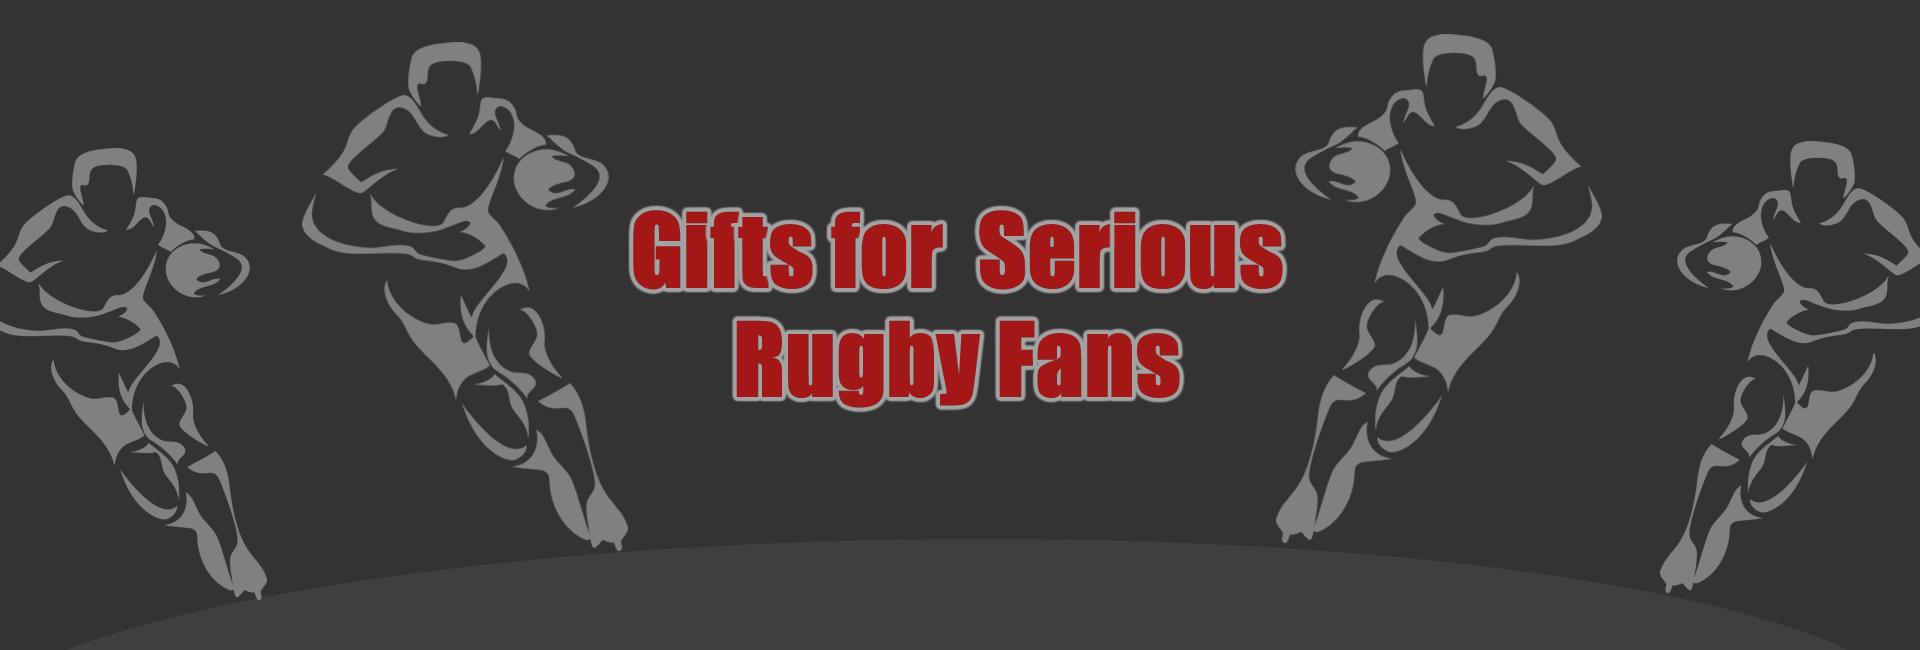 Gift for Rugby Fan Boyfriend